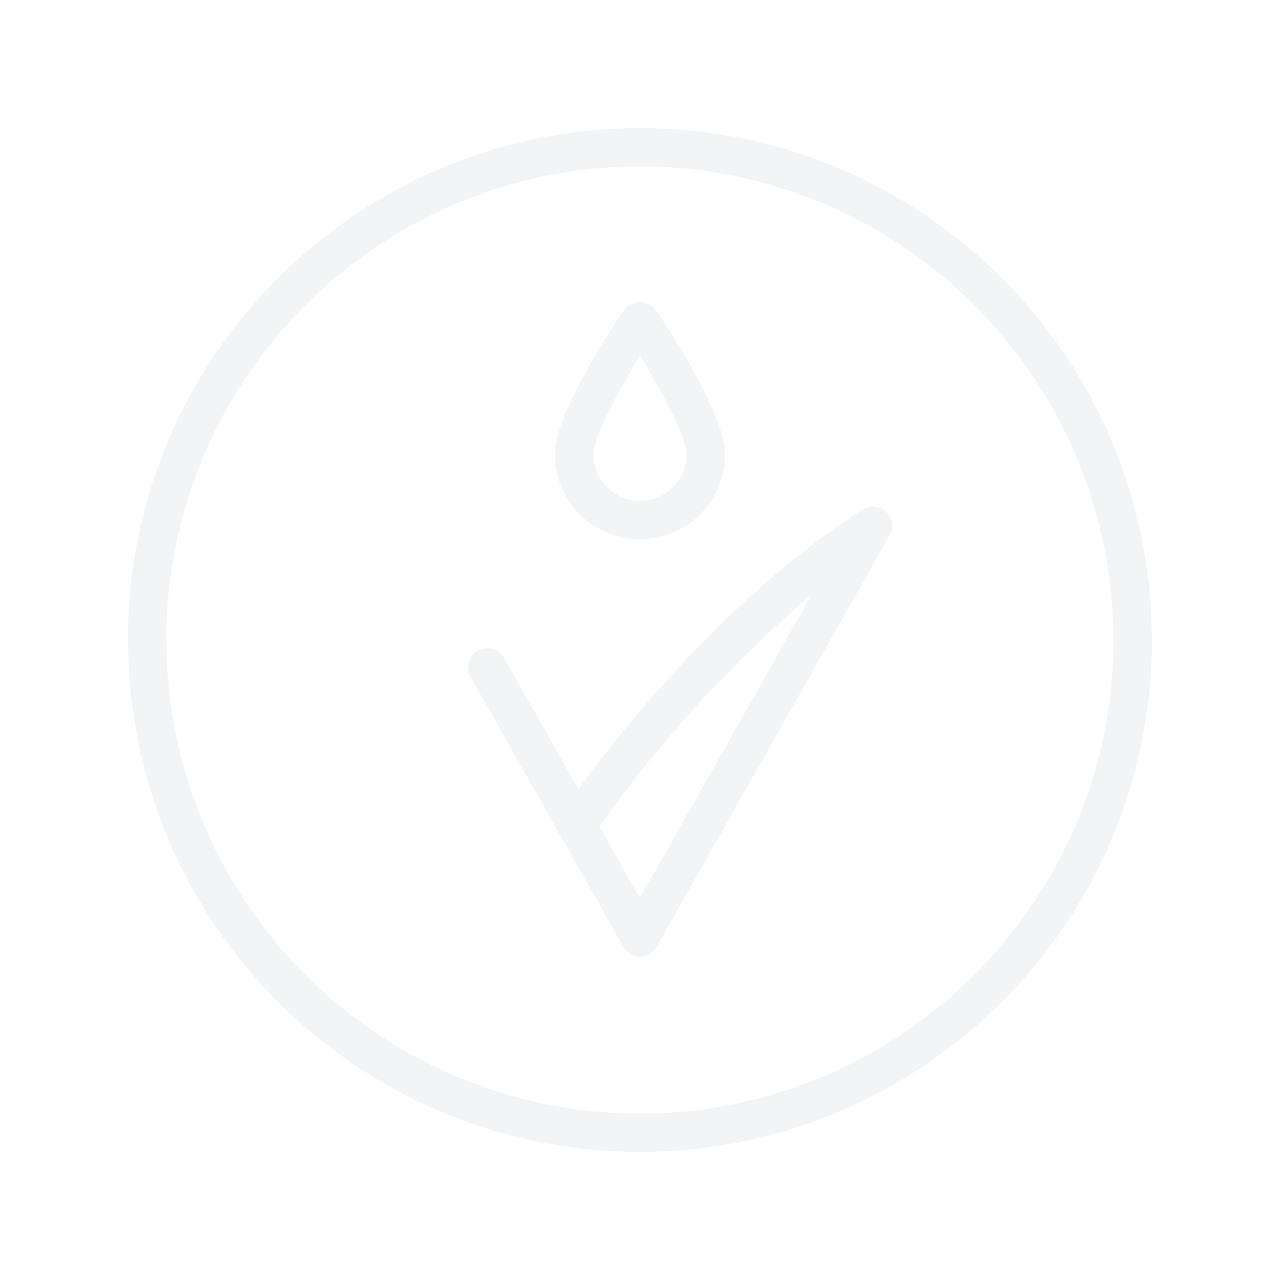 NATURA SIBERICA Oblepikha Hand Cream 30ml